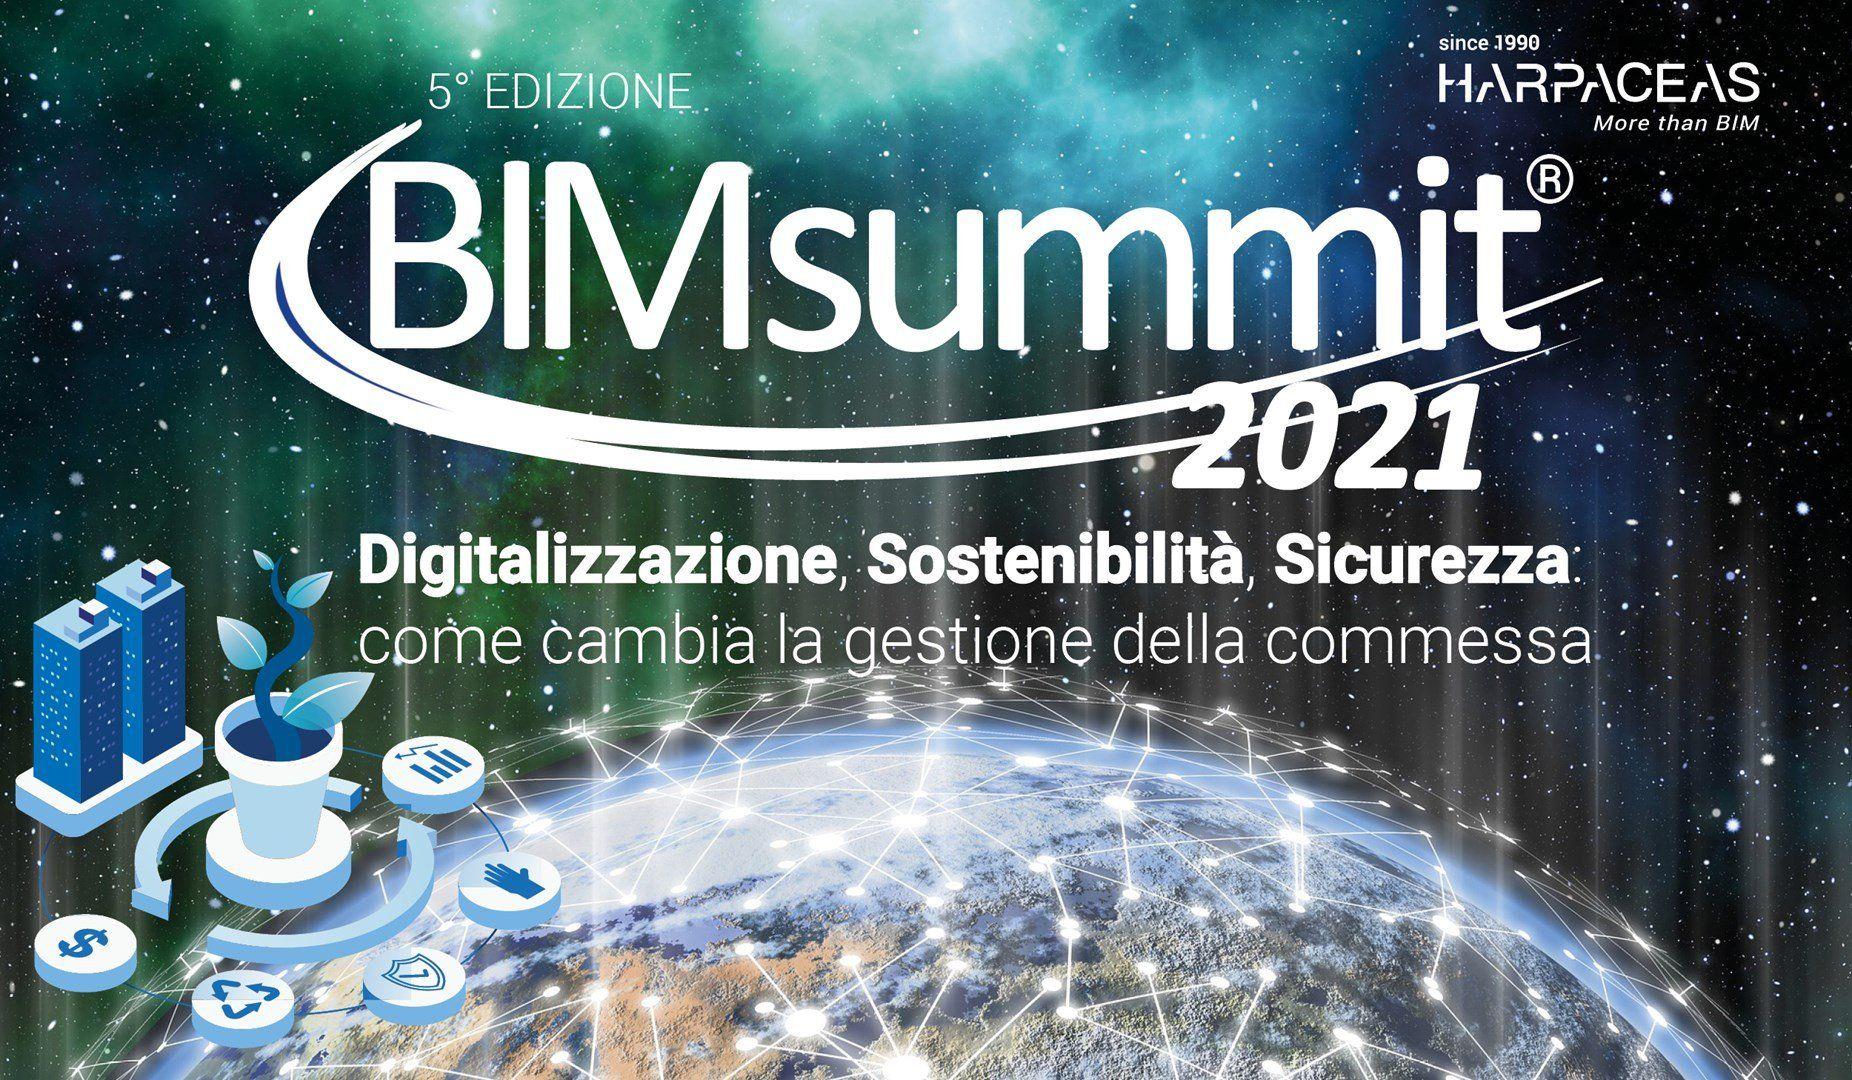 Harpaceas presenta BIMSummit 2021